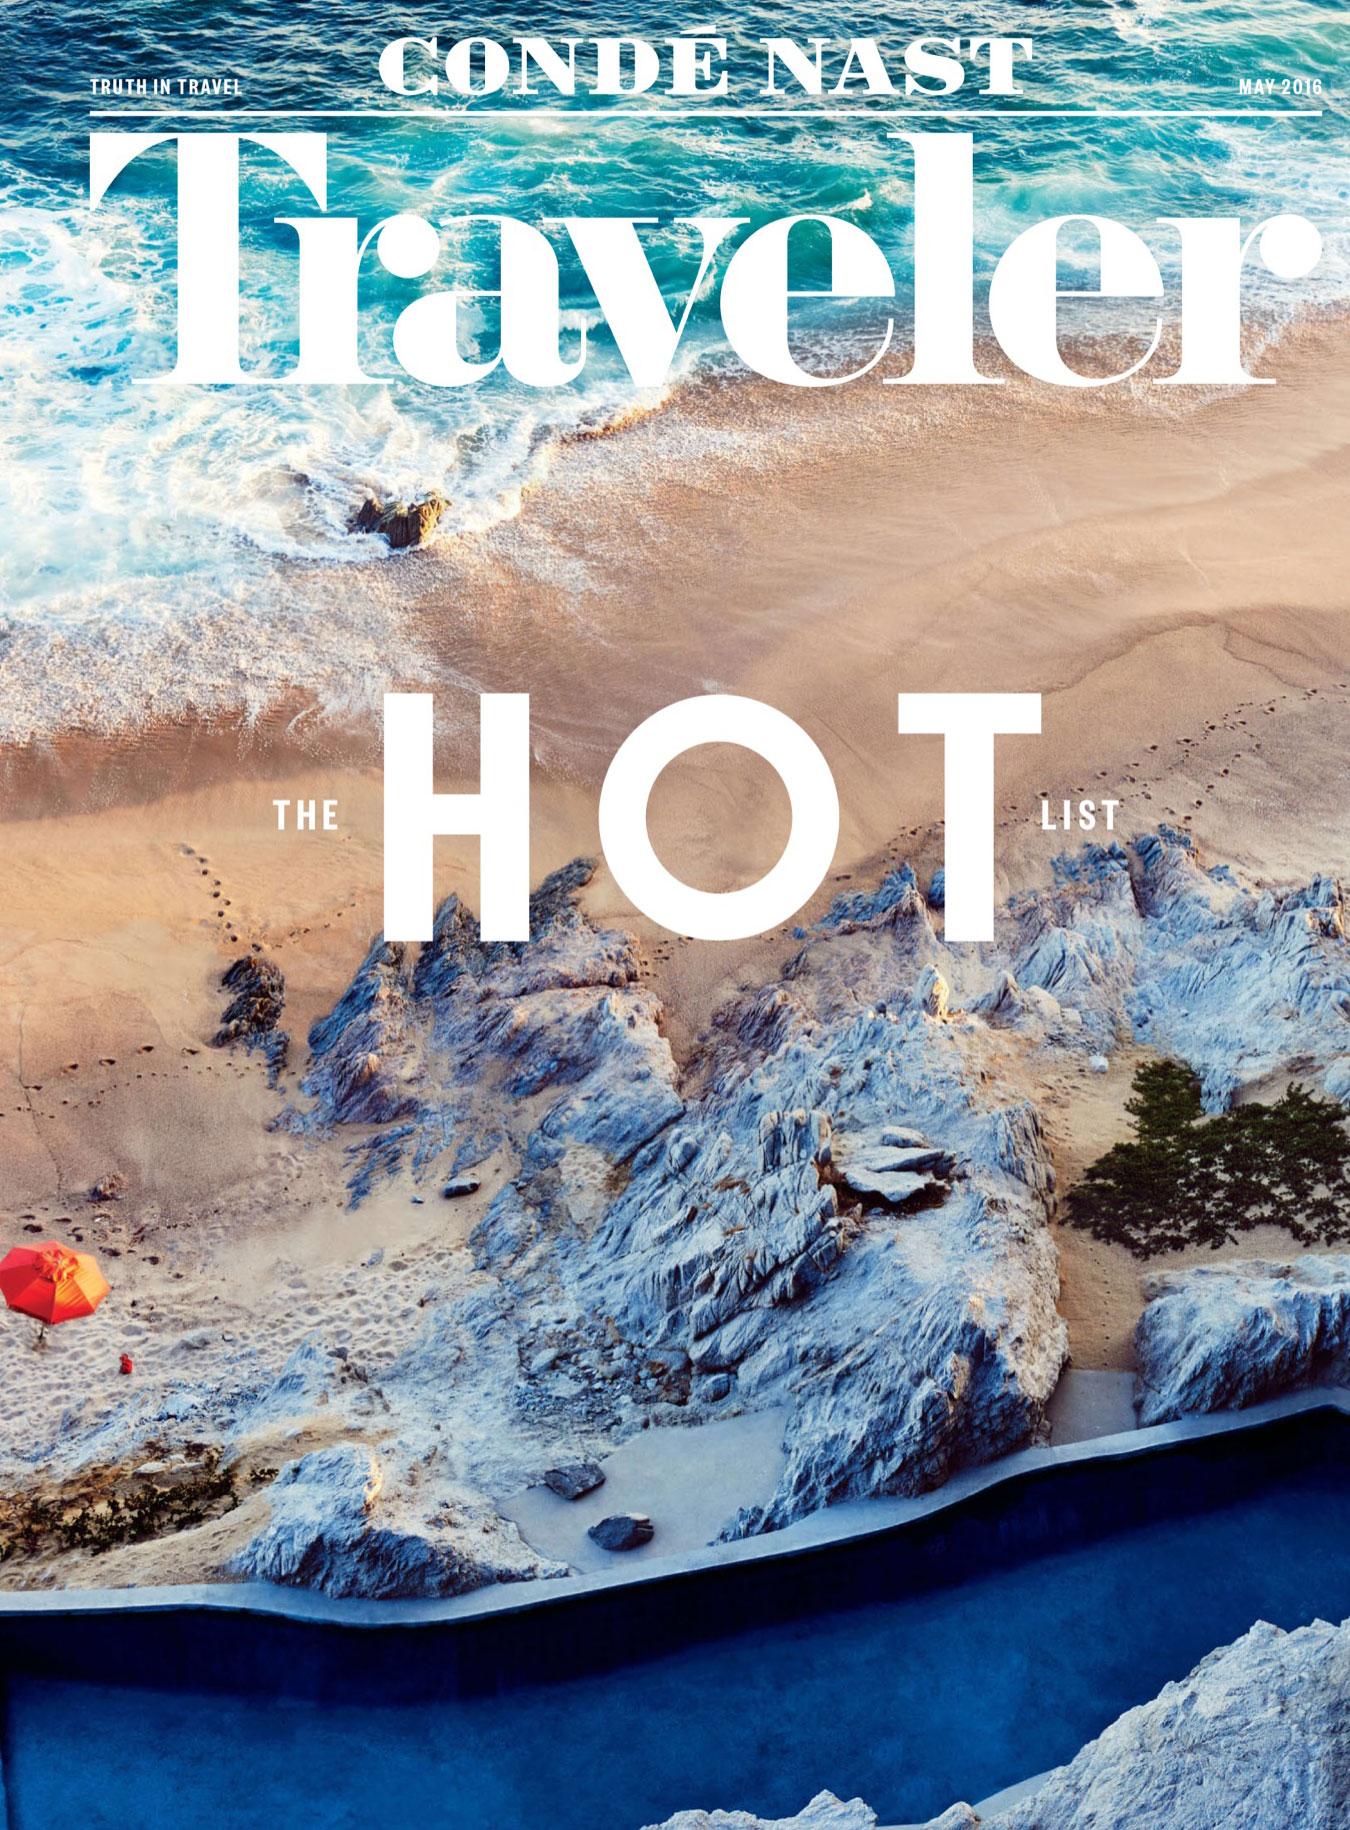 Conde Nast Traveler May 2016